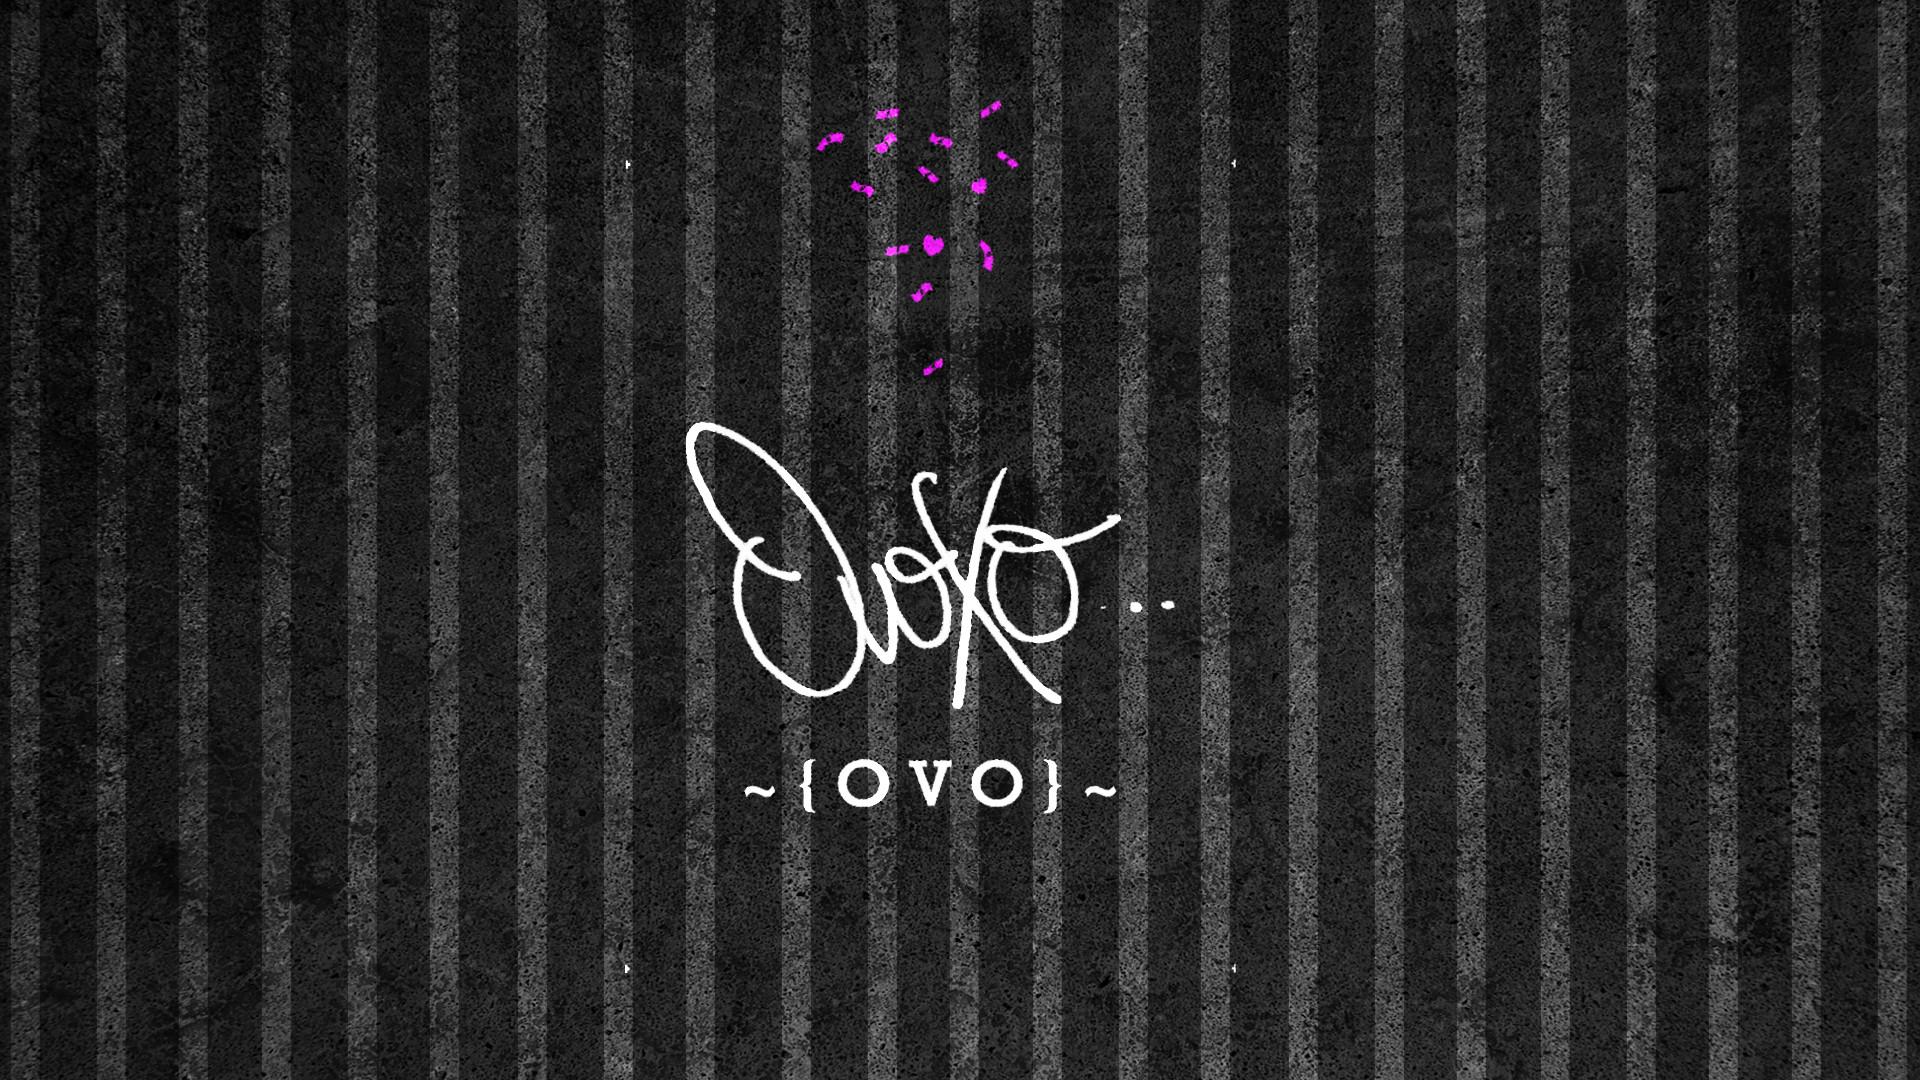 Drake Owl Logo Wallpaper - WallpaperSafari Ovo Drake Iphone Wallpaper